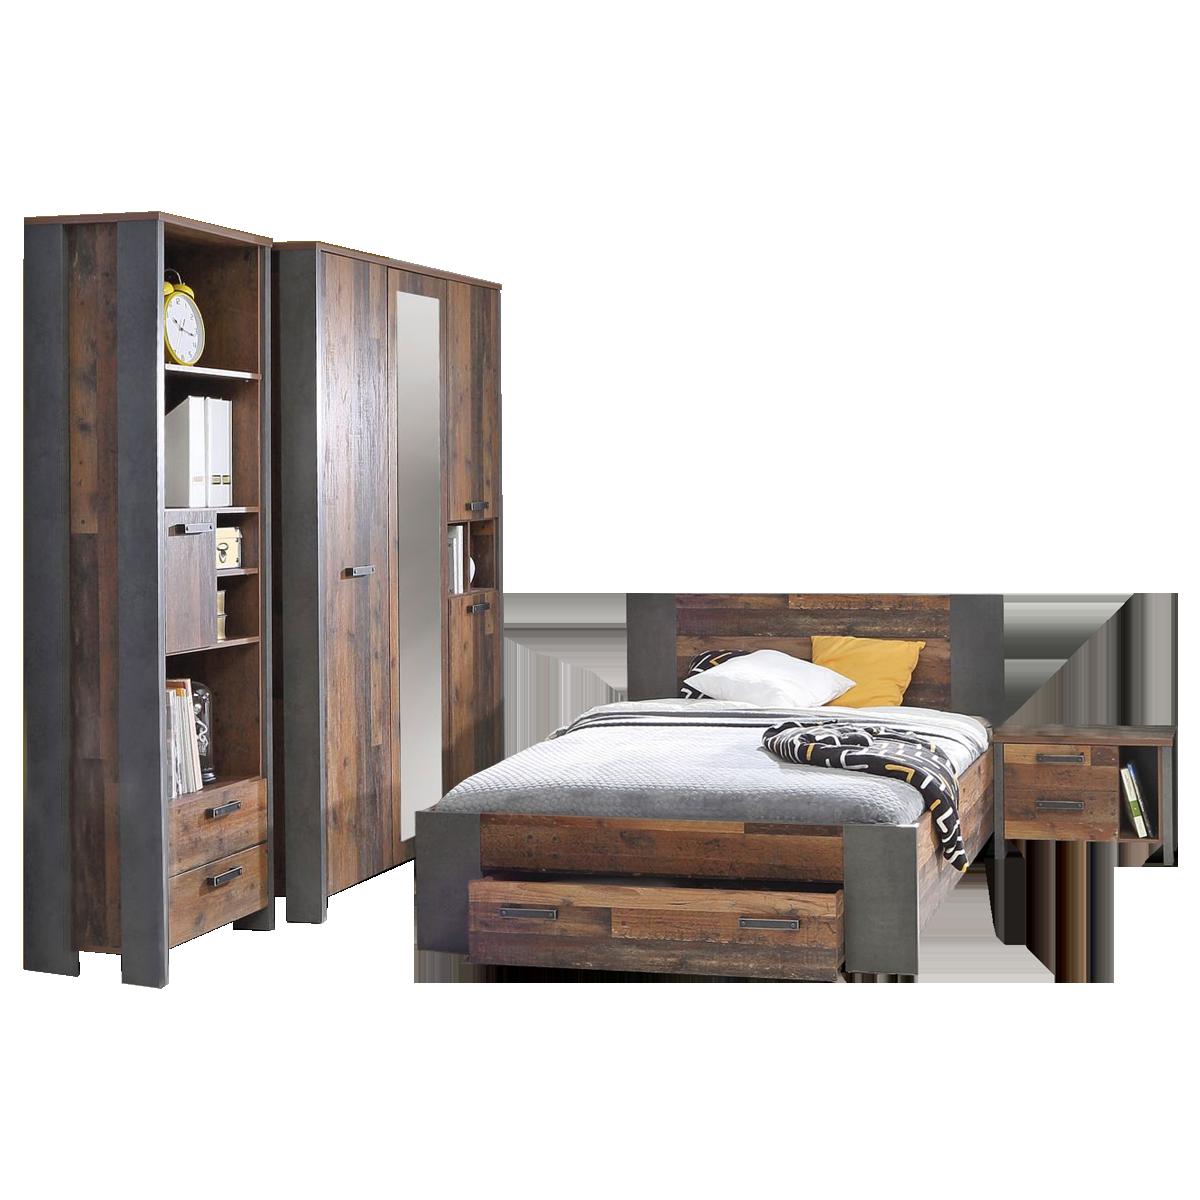 Forte clif jugendzimmer bett kleiderschrank regal nachtkommode for Bett jugendzimmer